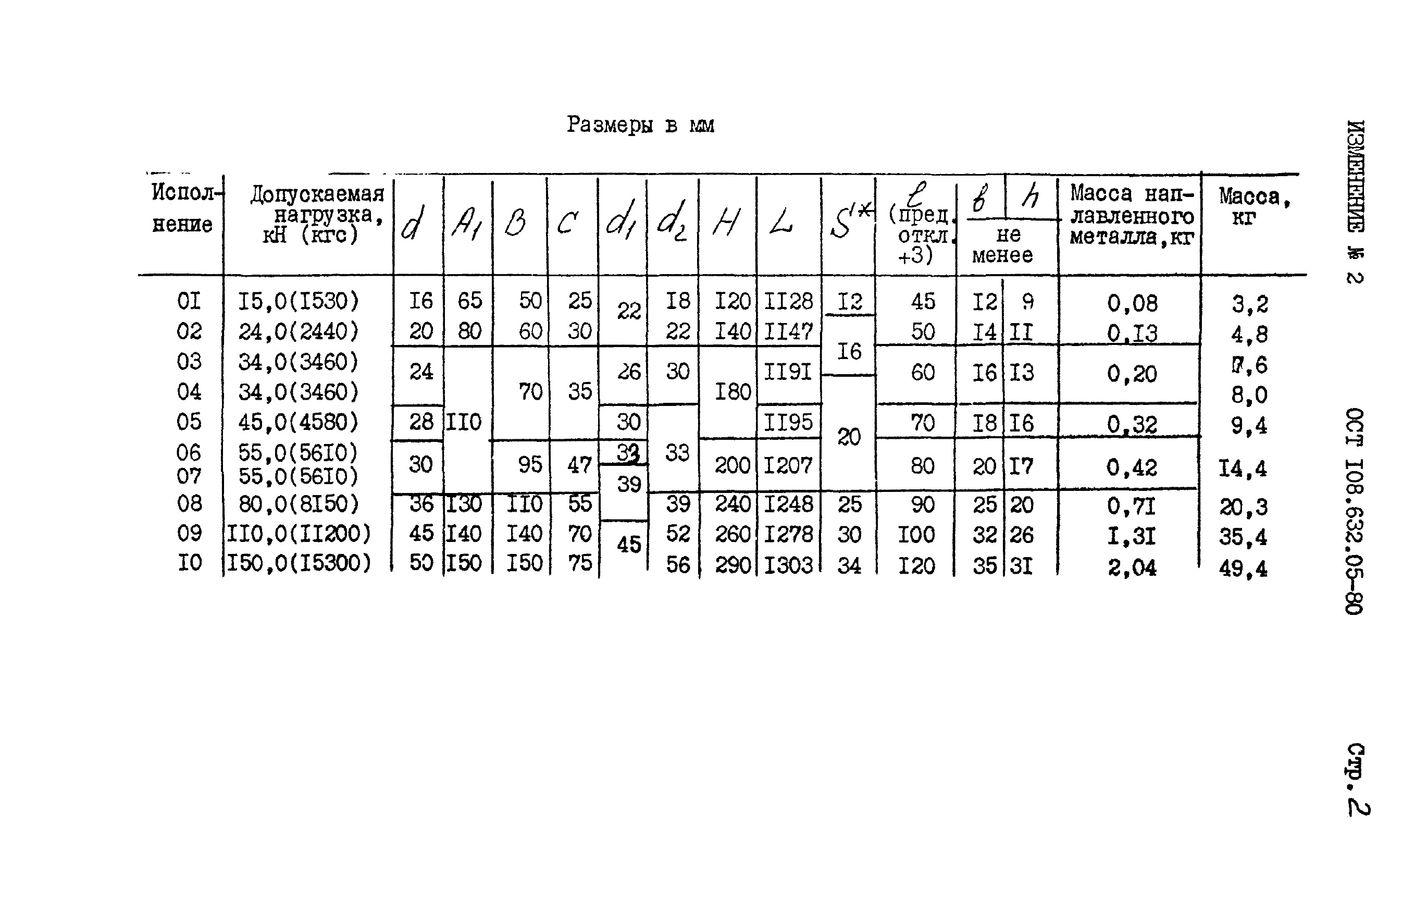 Тяги резьбовые с серьгой и муфтой ОСТ 108.632.05-80 стр.6